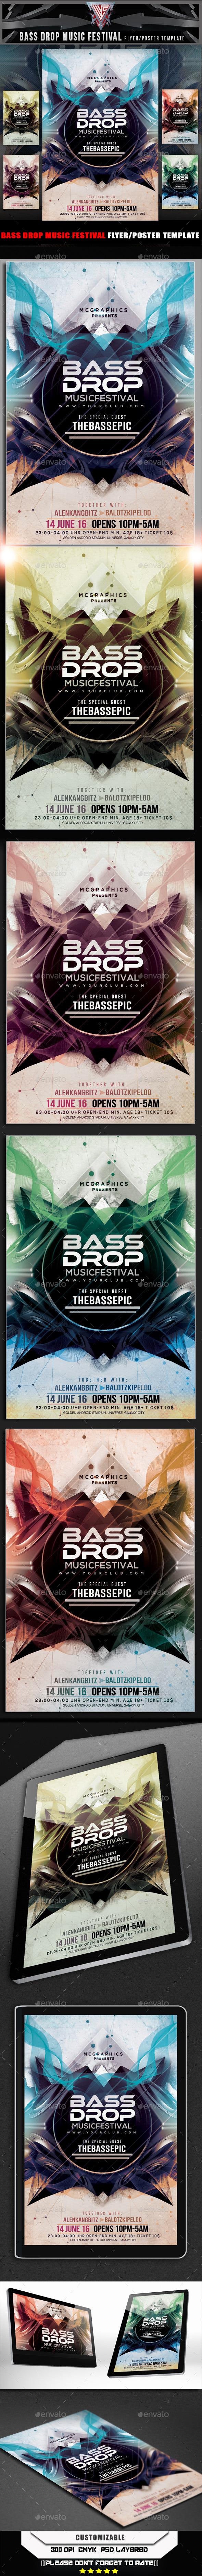 Bass Drop Music Festival Flyer Template - Flyers Print Templates